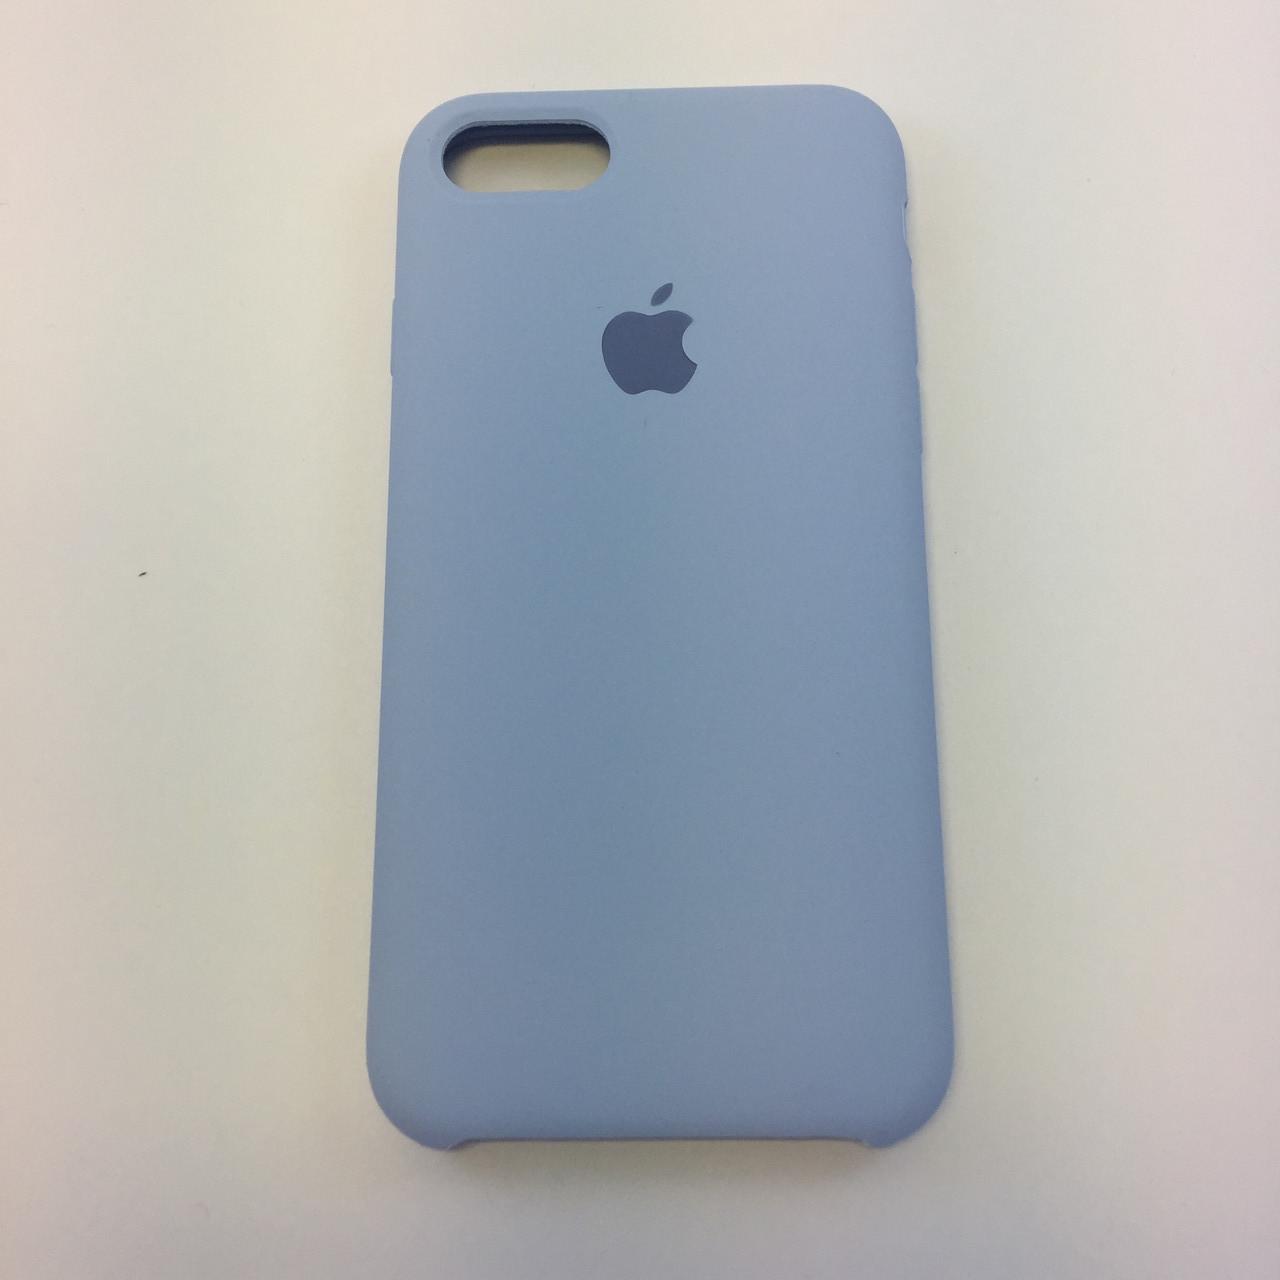 Силиконовый чехол iPhone 8 Plus, кремово лиловый, copy original